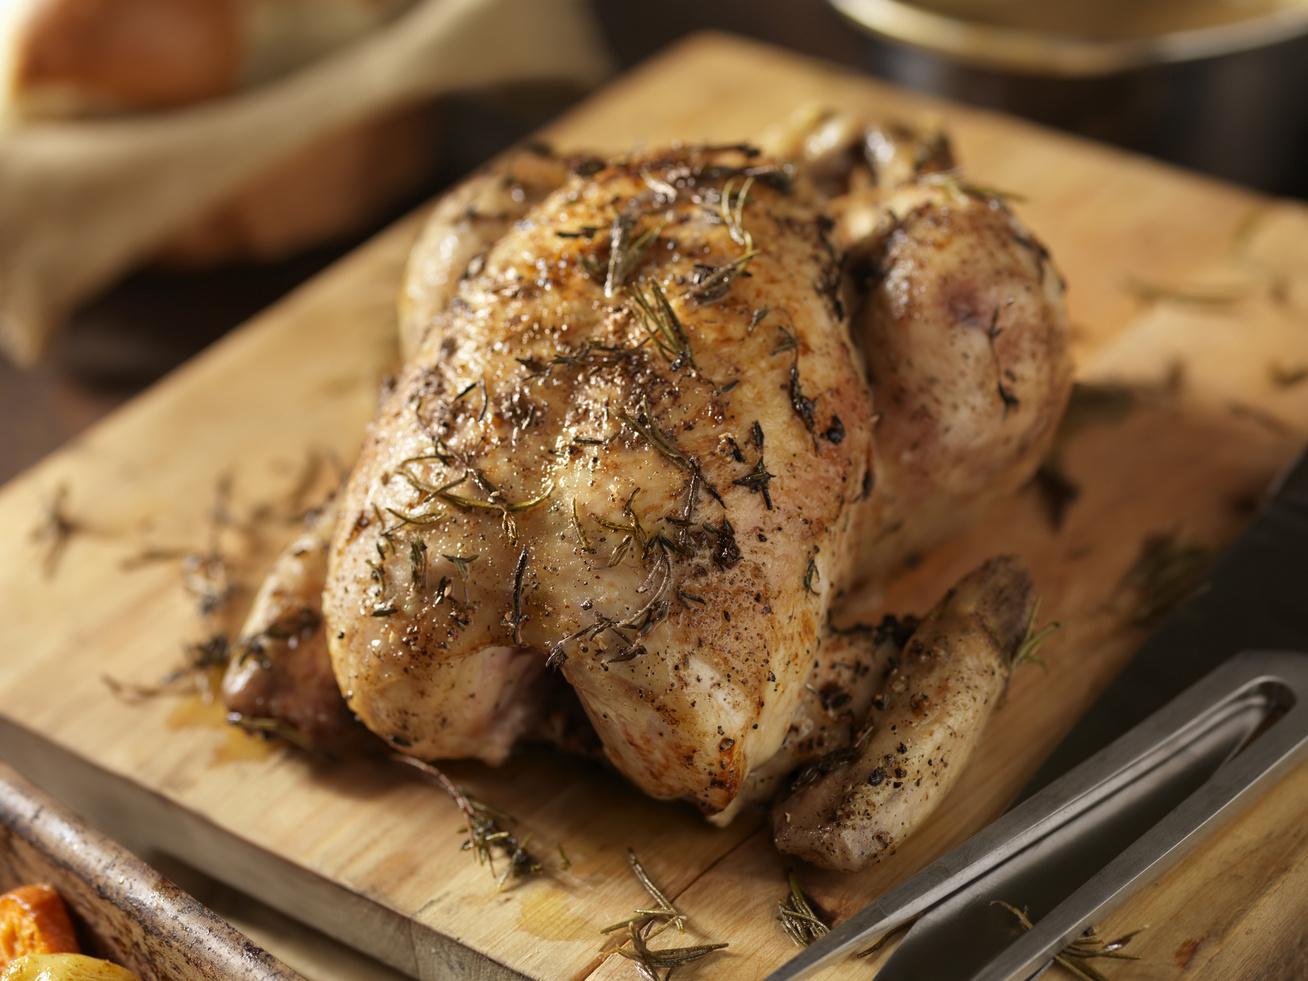 kakukkfuves-csirke-egeszben